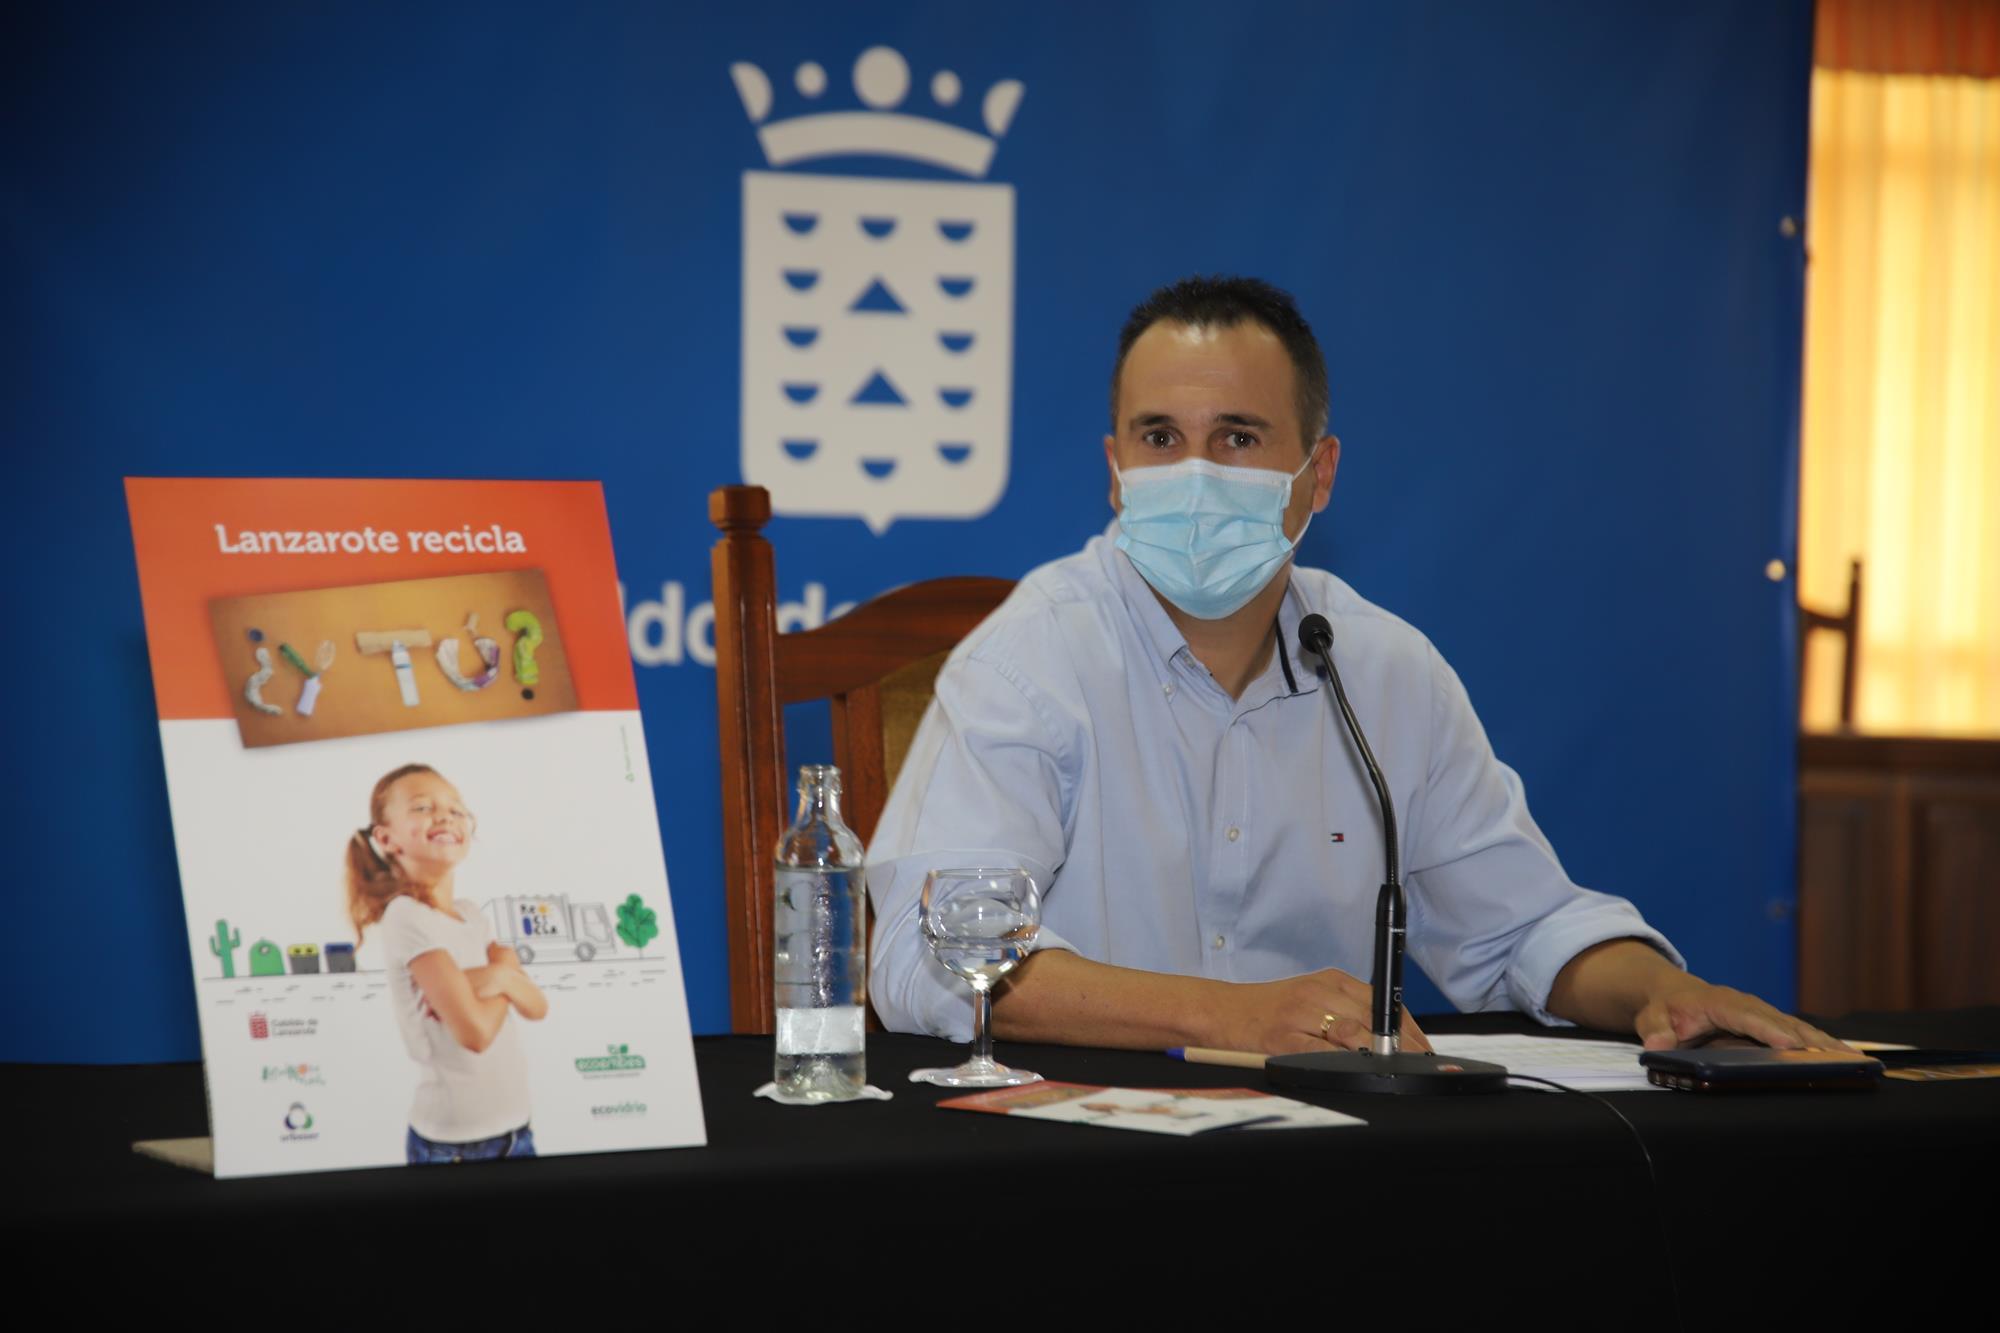 """""""Lanzarote recicla, ¿y tú?"""", nueva campaña de Cabildo, Ecoembes y Ecovidrio"""